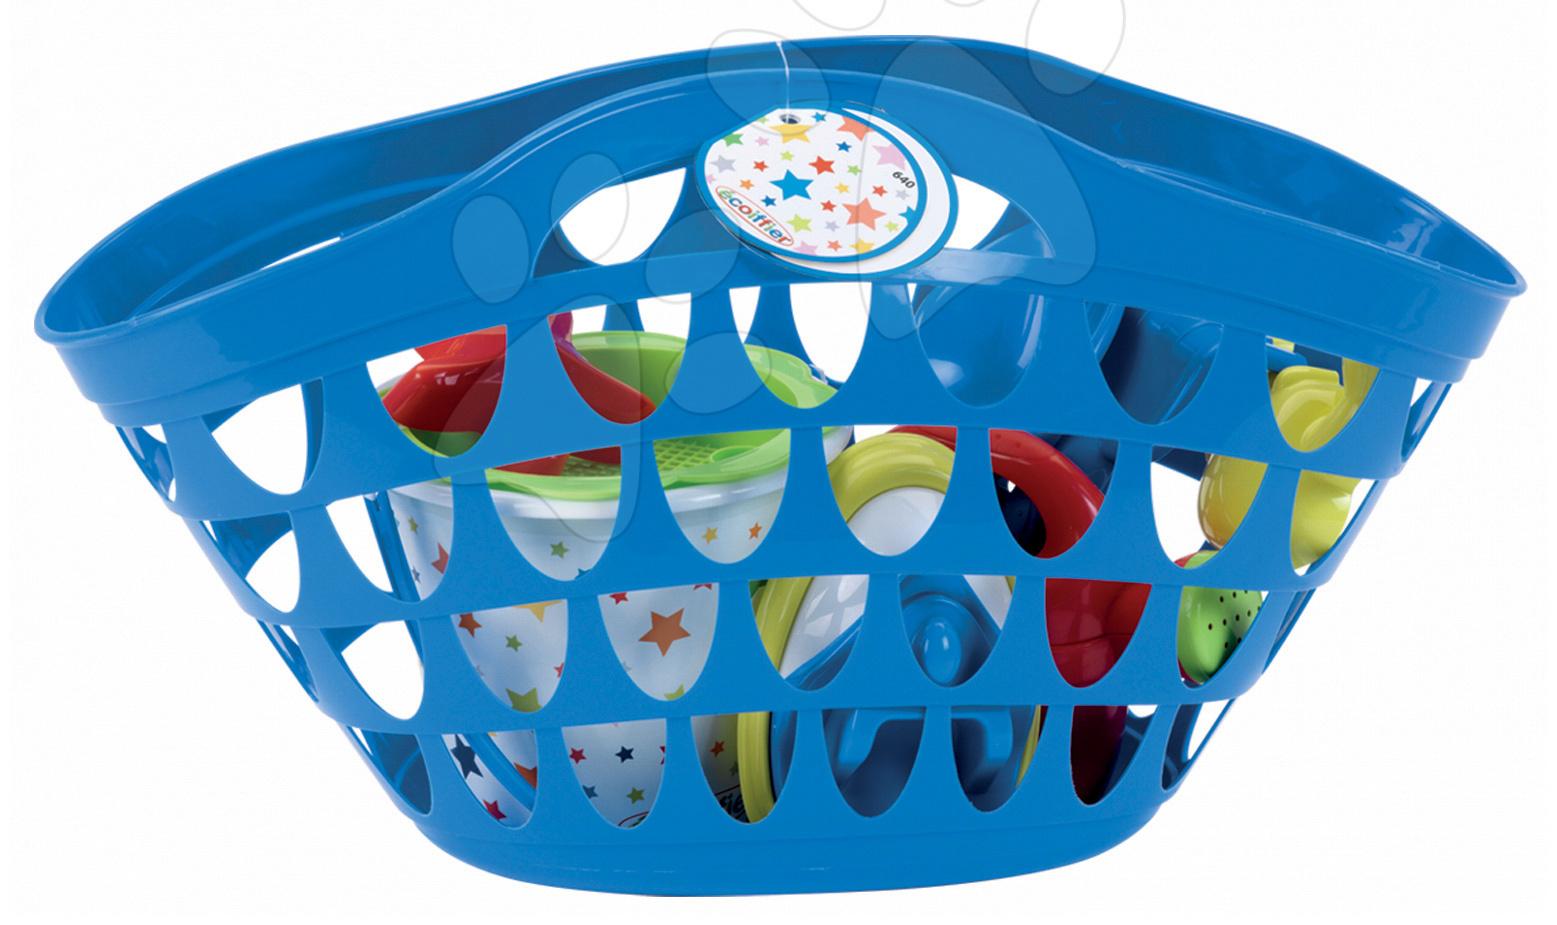 Taška s kbelík setem hvězdičky Écoiffier 11 dílů modrá od 18 měsíců